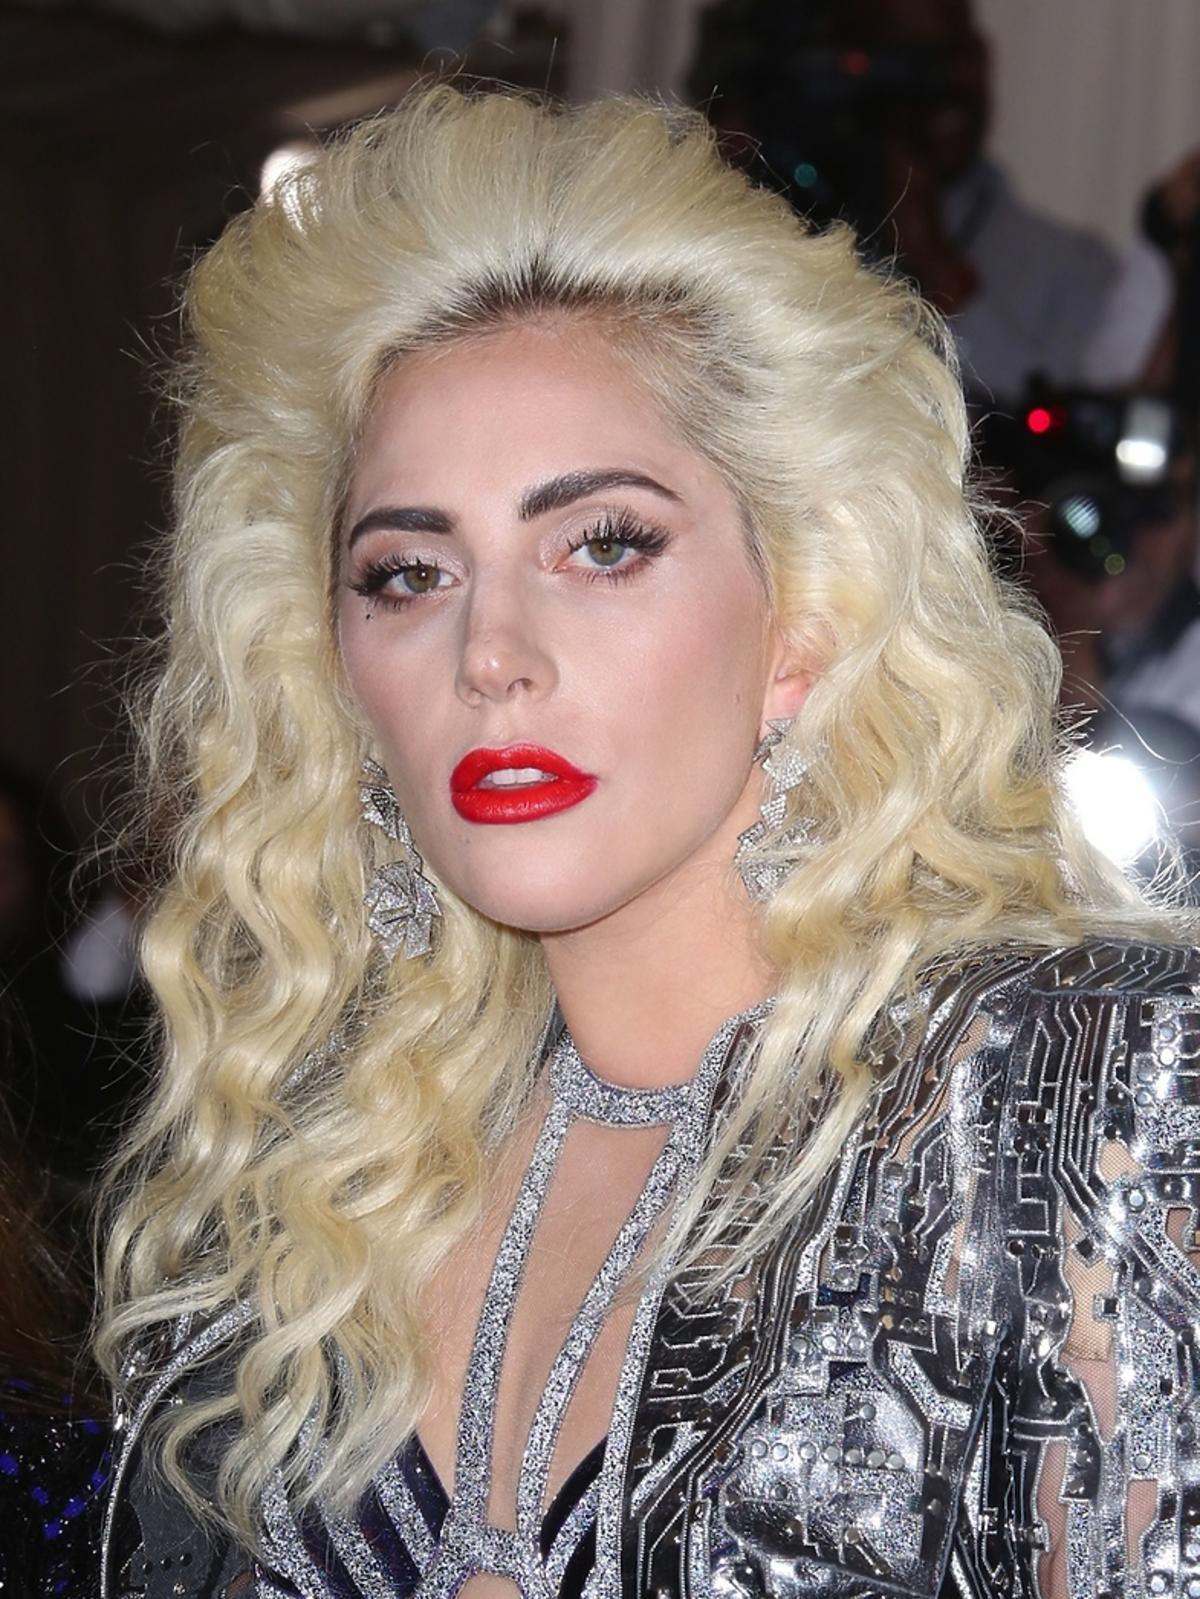 Lady Gaga z czerwonymi ustami i tapirem na głowie